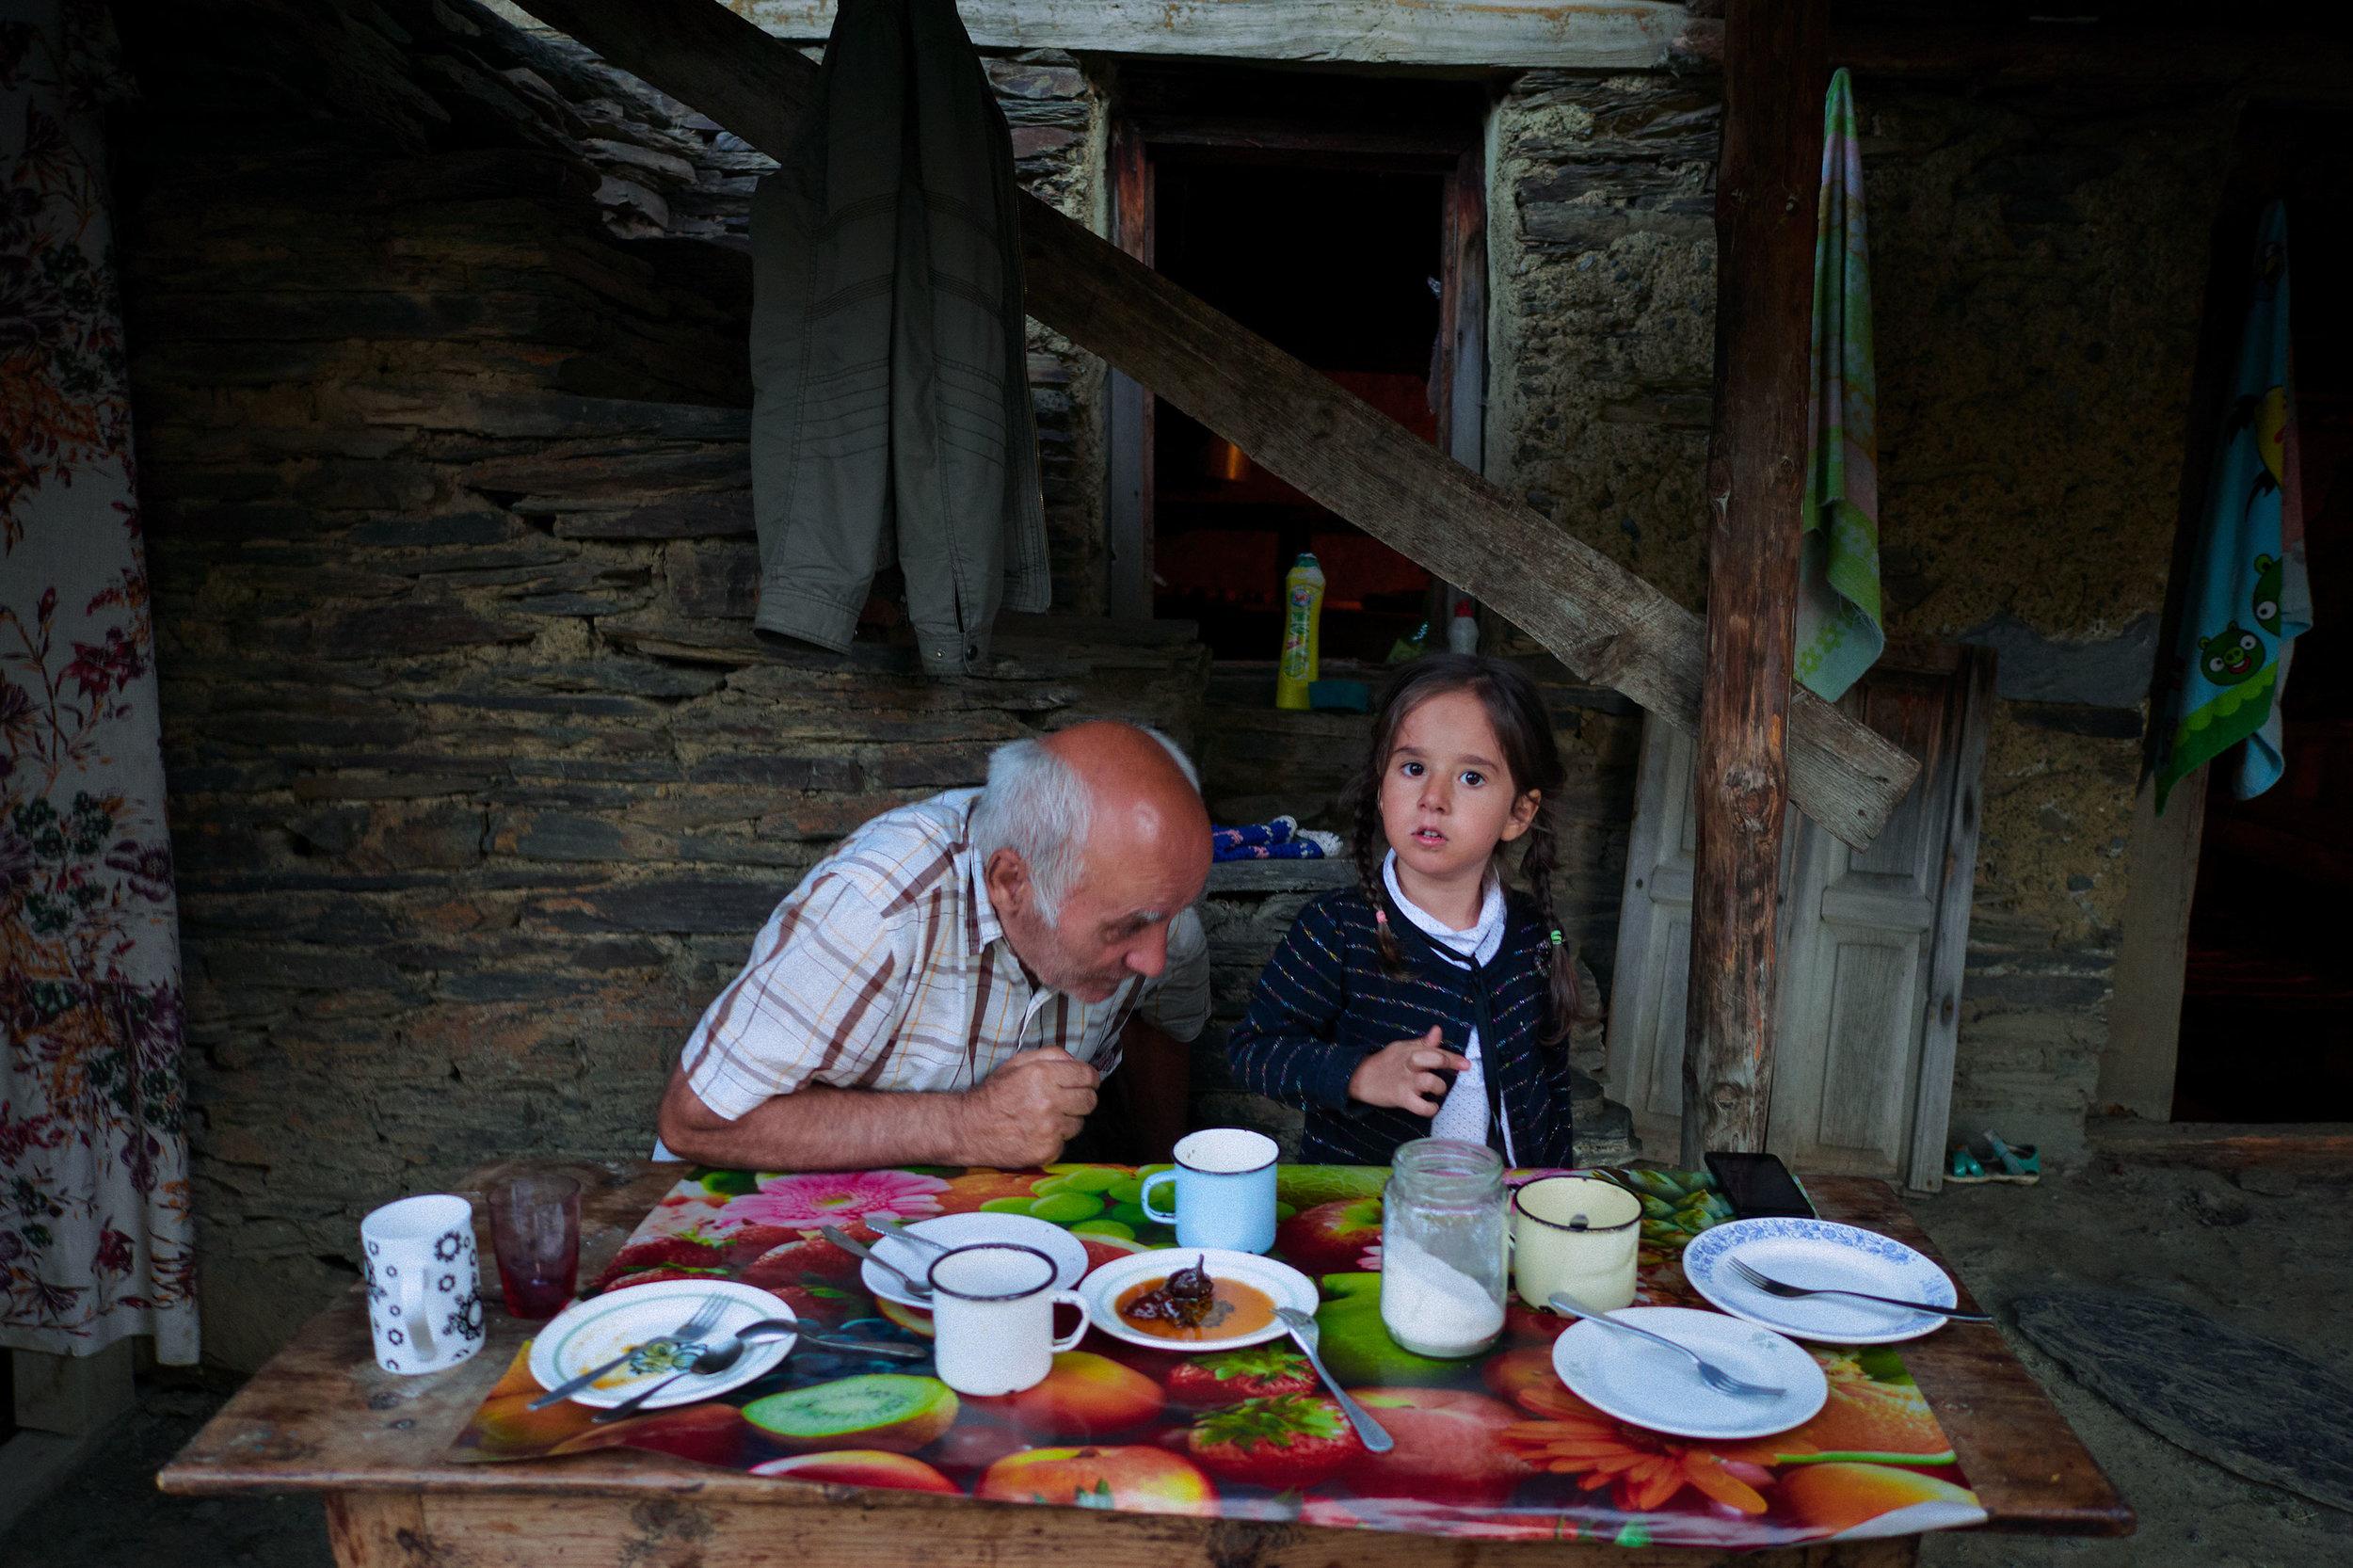 Tusheti-Georgia-Man-and-granddaughter-behind-table